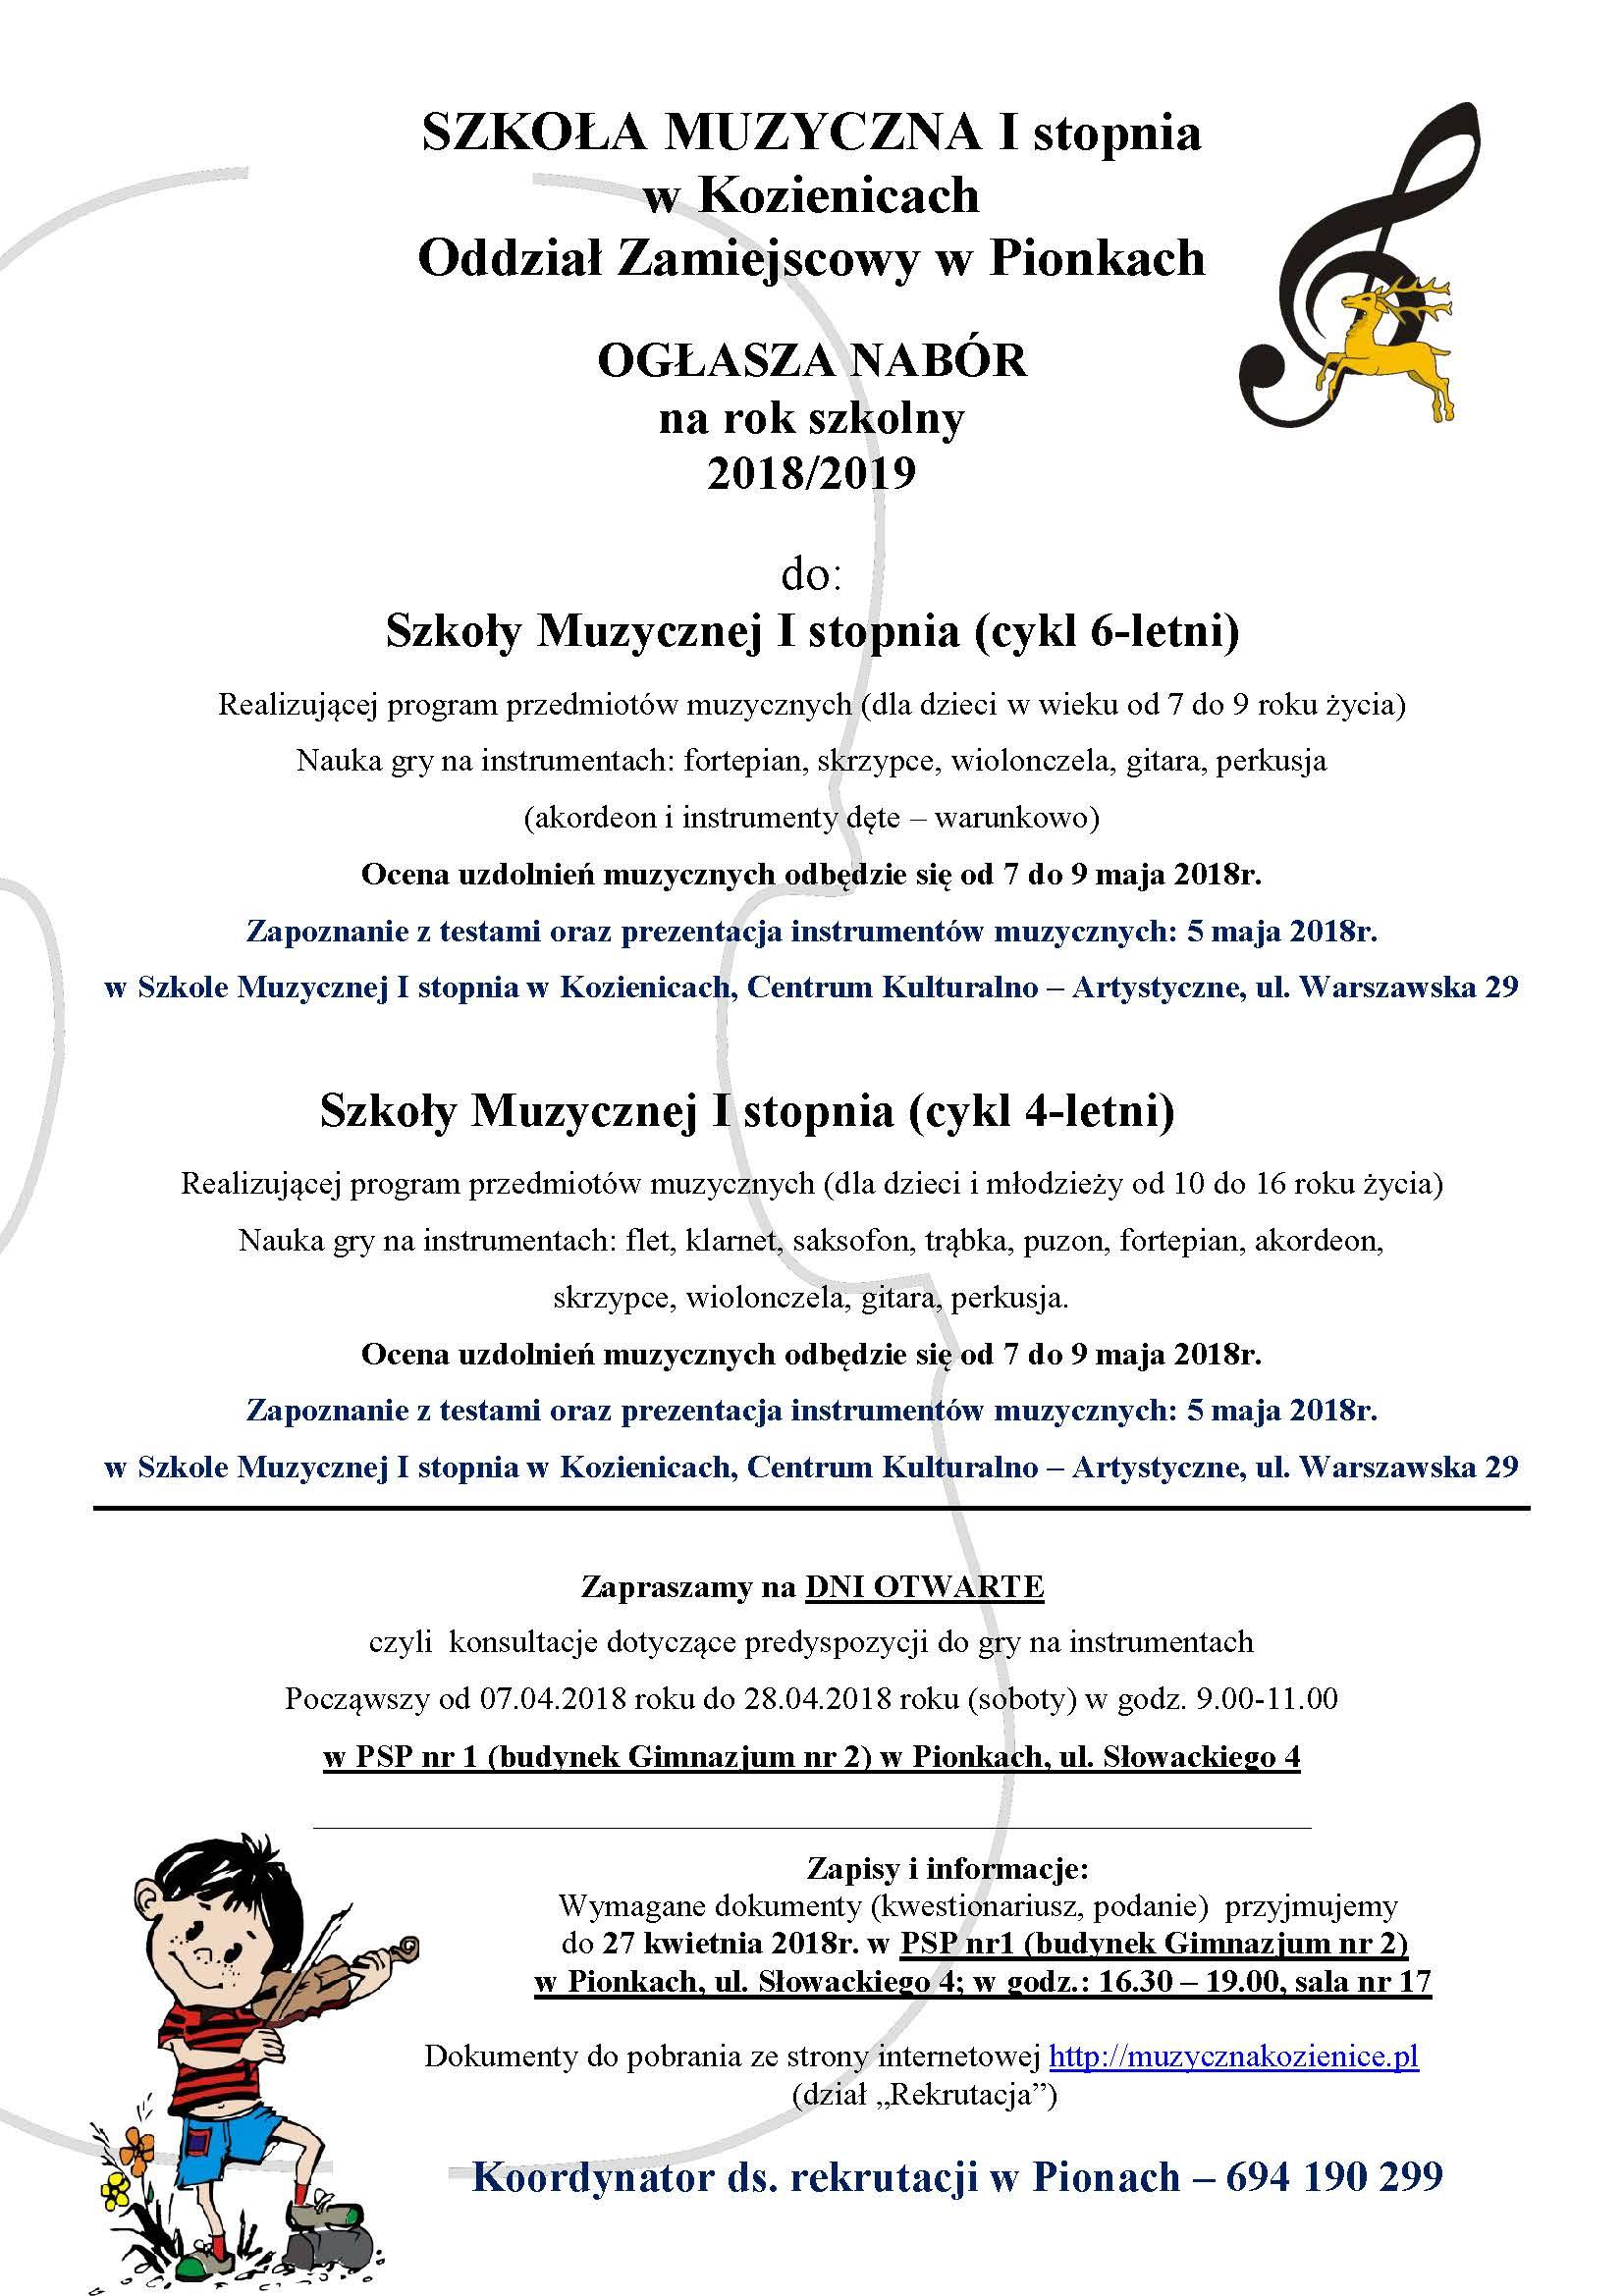 Rekrutacja do Szkoły Muzycznej I Stopnia 2018/2019